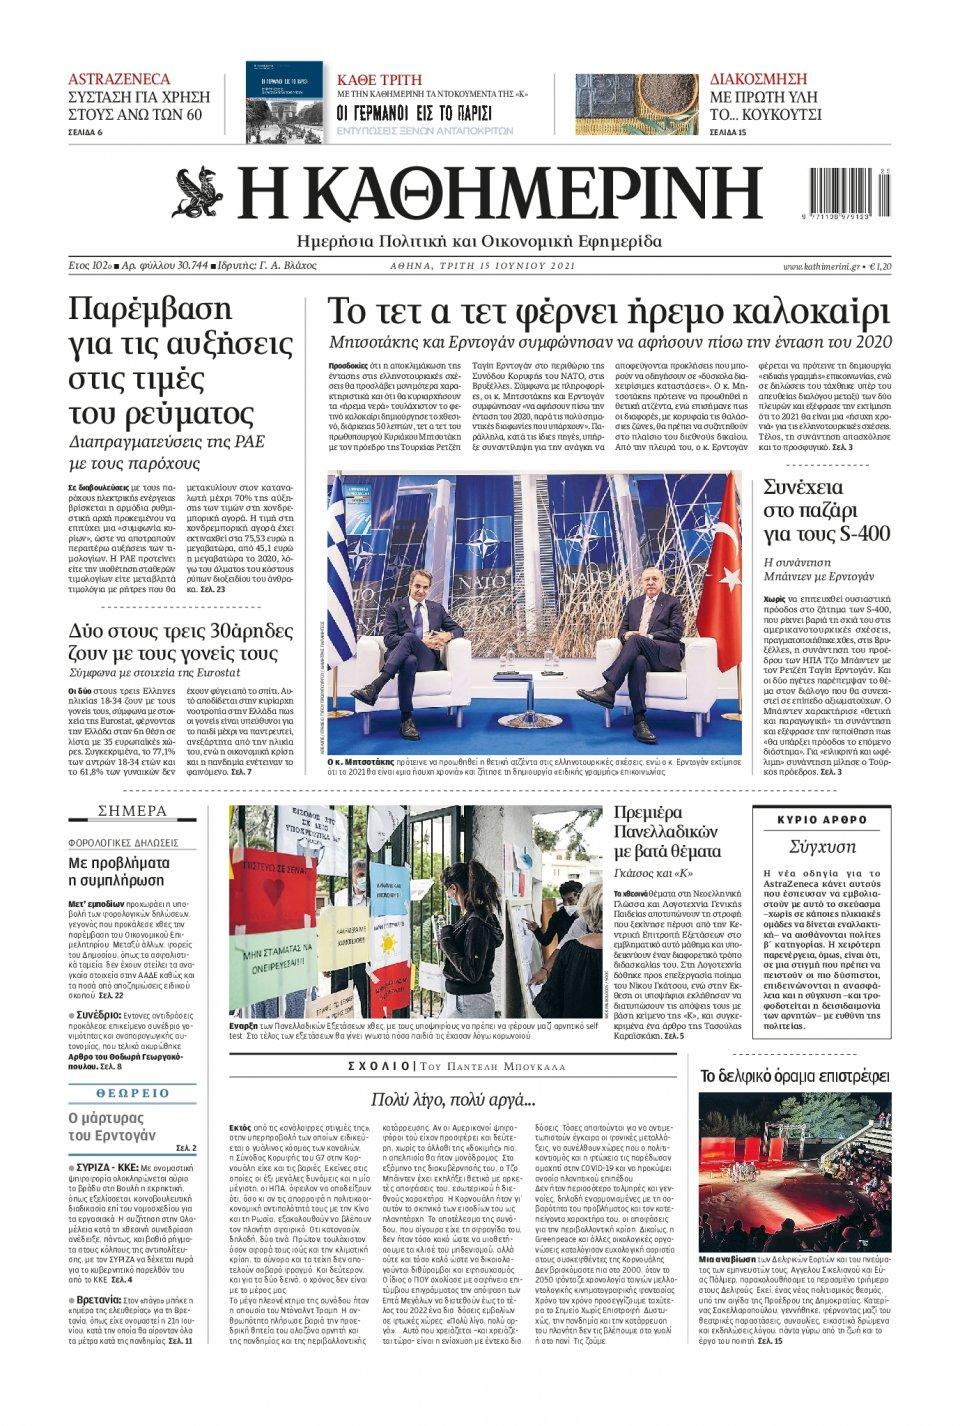 Πρωτοσέλιδο Εφημερίδας - Καθημερινή - 2021-06-15